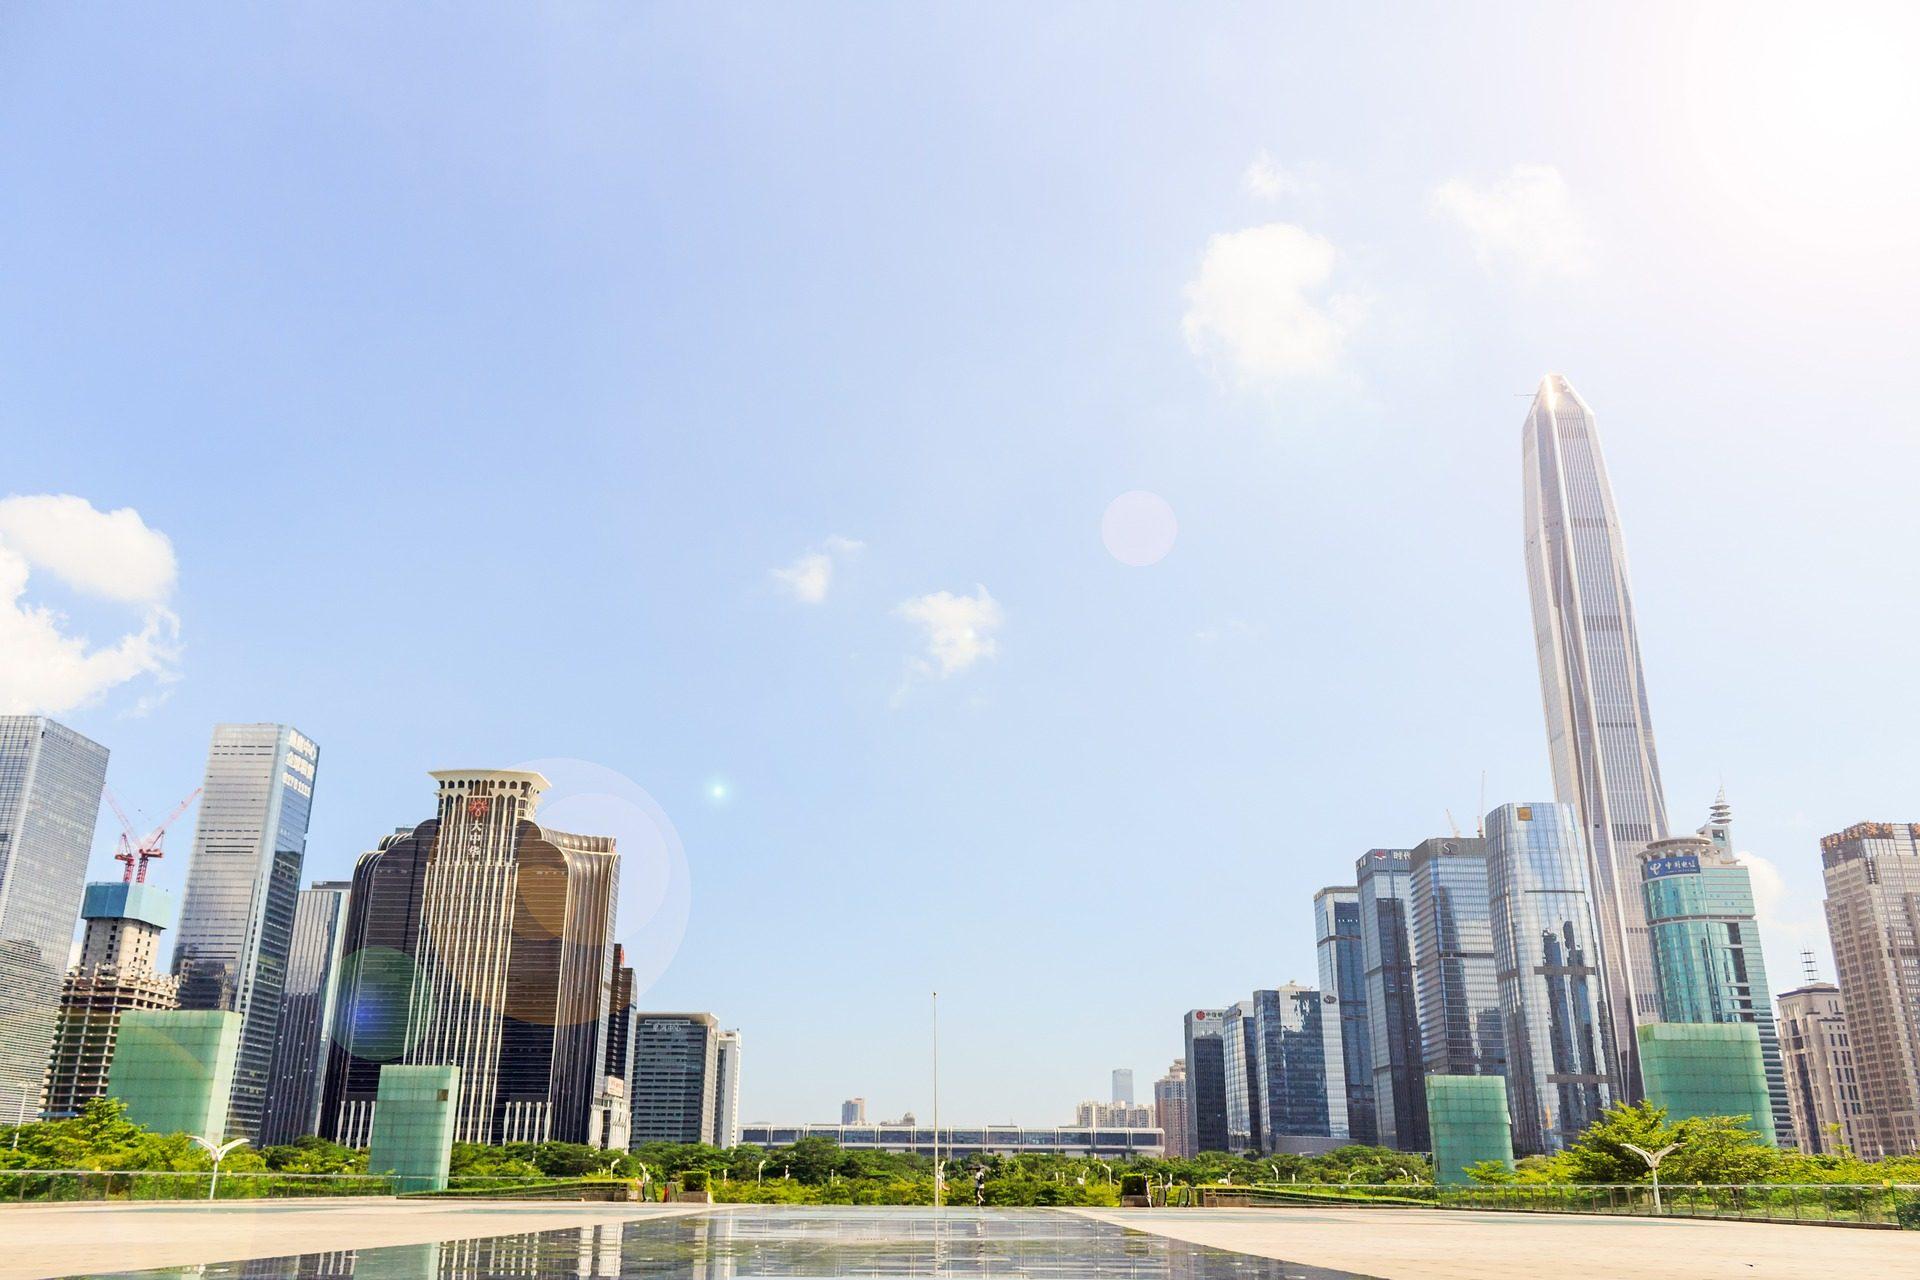 Город, небоскреб, здания, Шэньчжэнь, Китай - Обои HD - Профессор falken.com